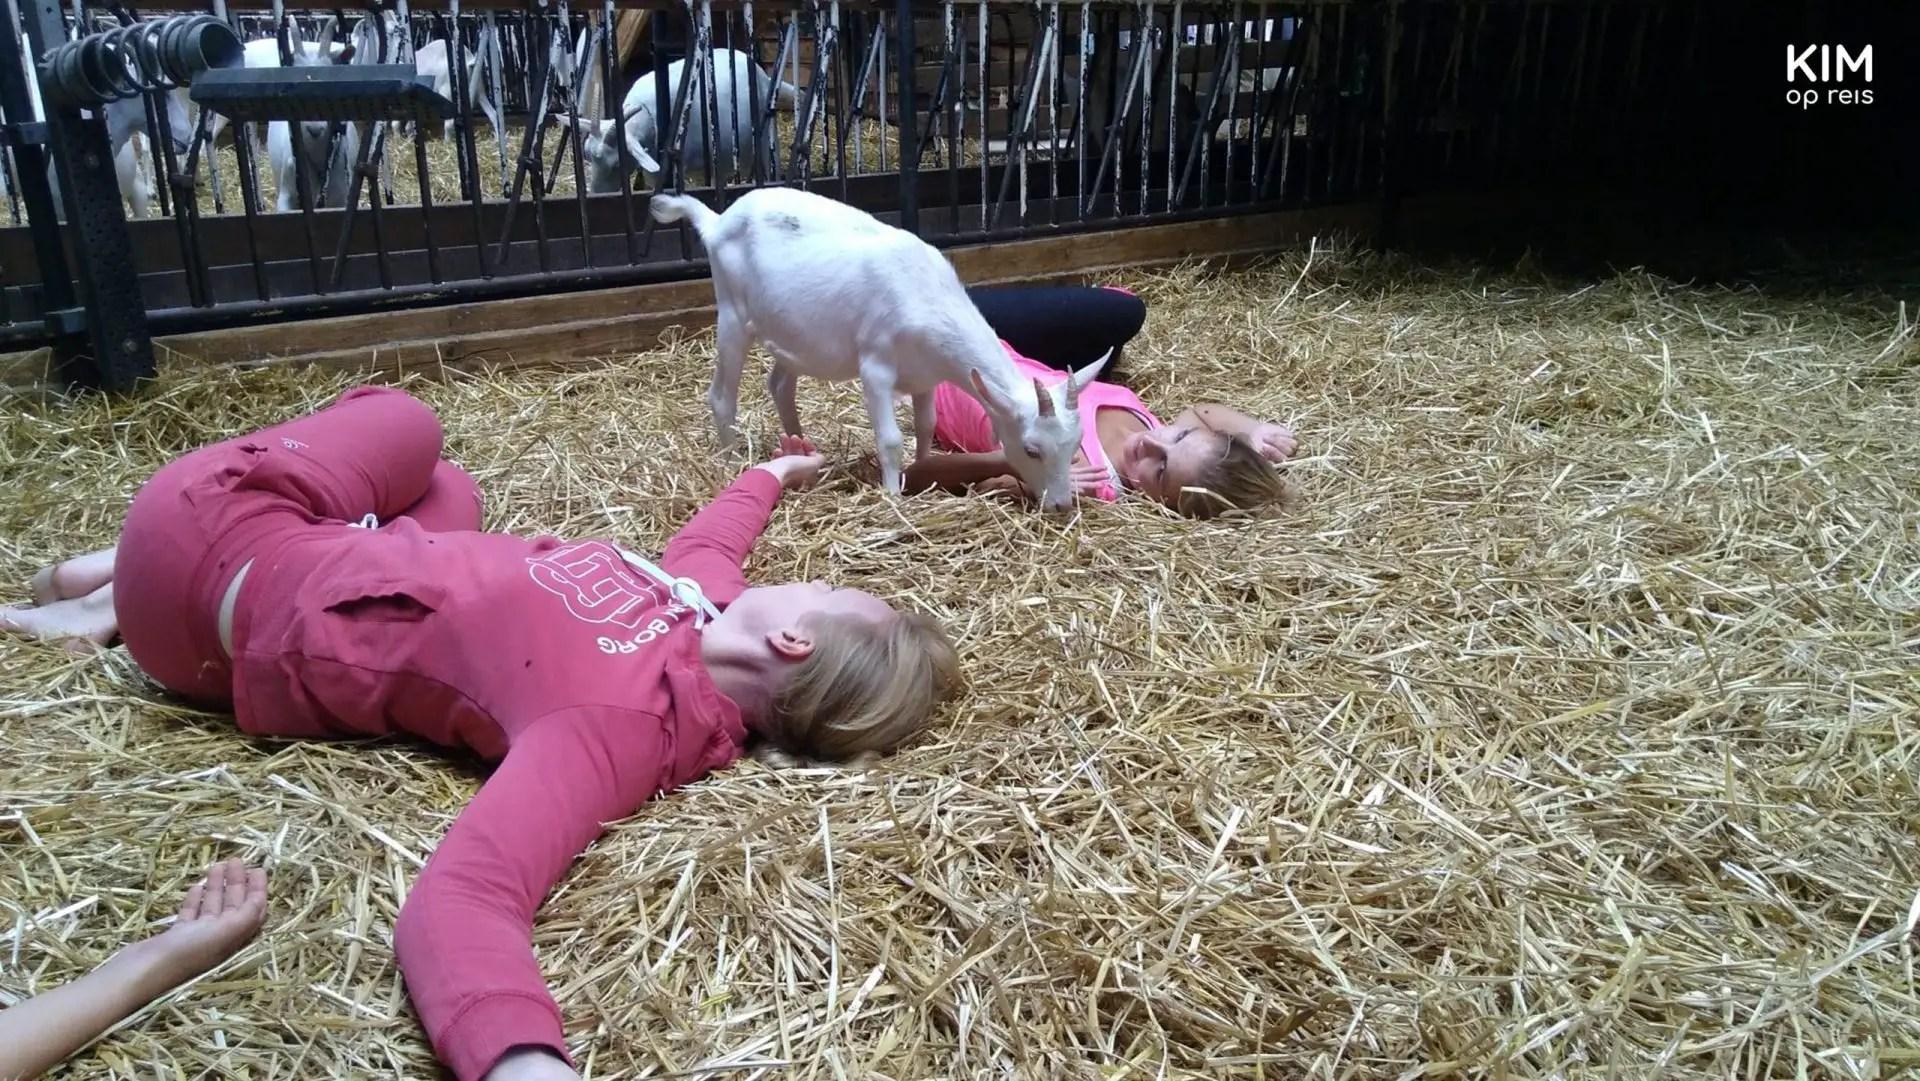 Geitenyoga op de geitenboerderij in het Amsterdamse Bos